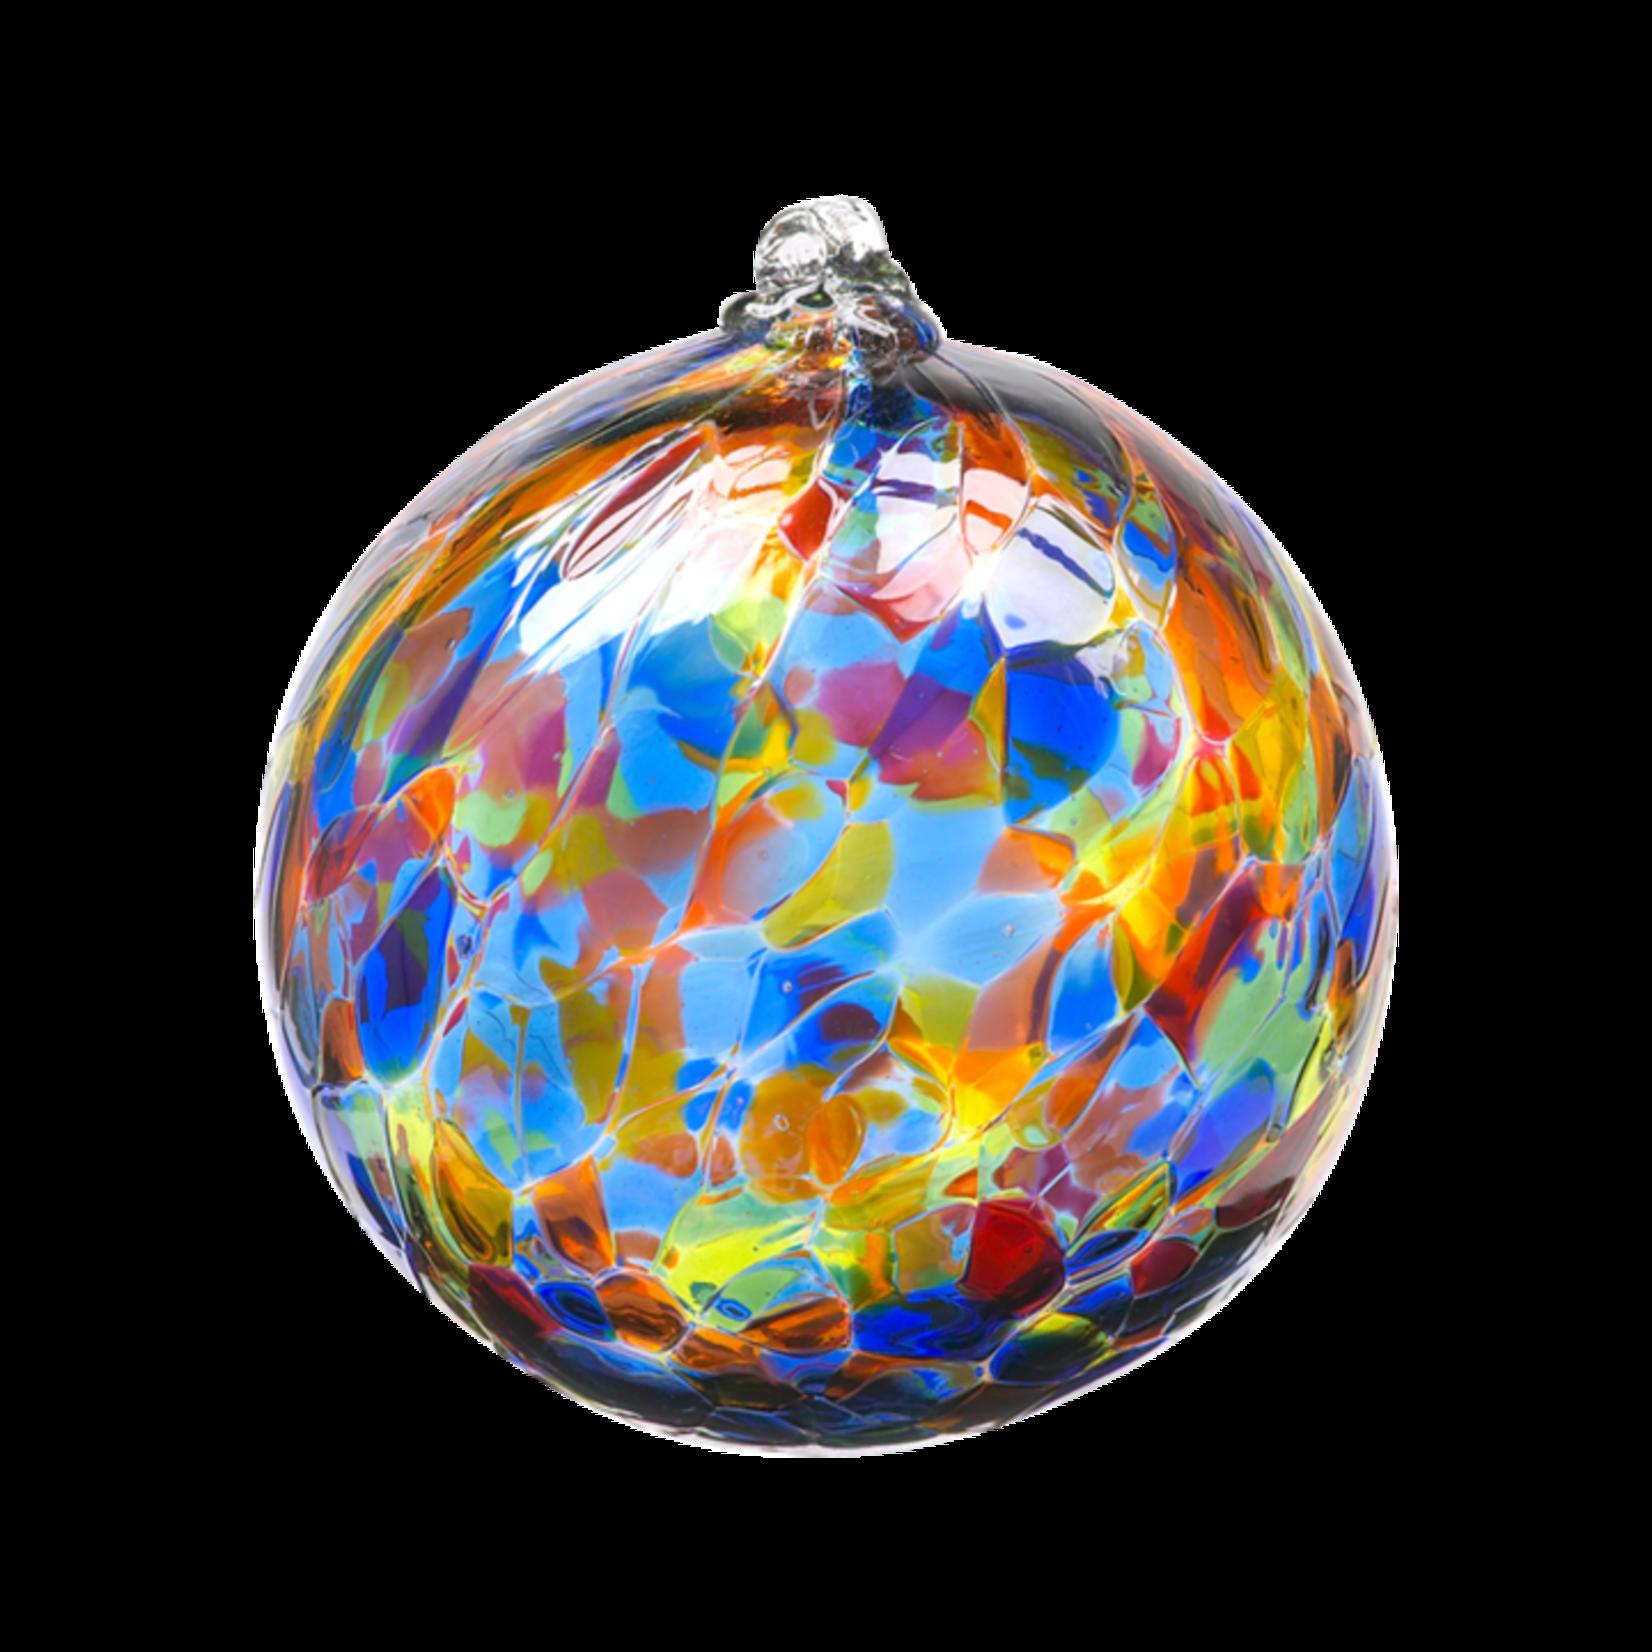 Kitras Art Glass Inc. Calico Ball